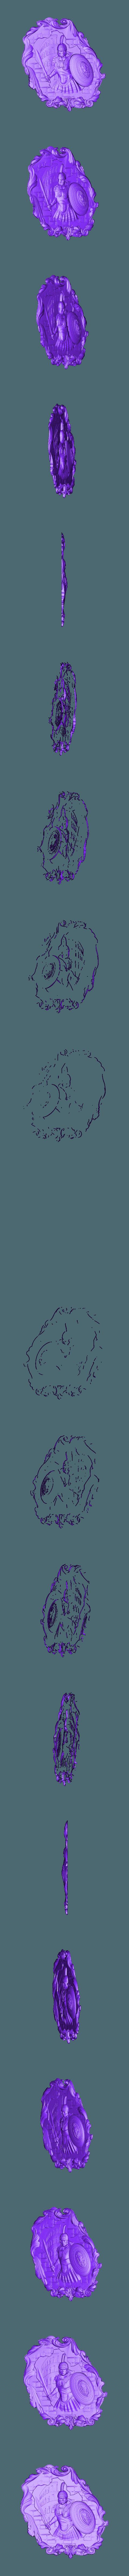 53.stl Télécharger fichier STL gratuit spartacus gladiator rome circus maximus circus maximus antic cnc art frame router • Modèle pour impression 3D, CNC_file_and_3D_Printing